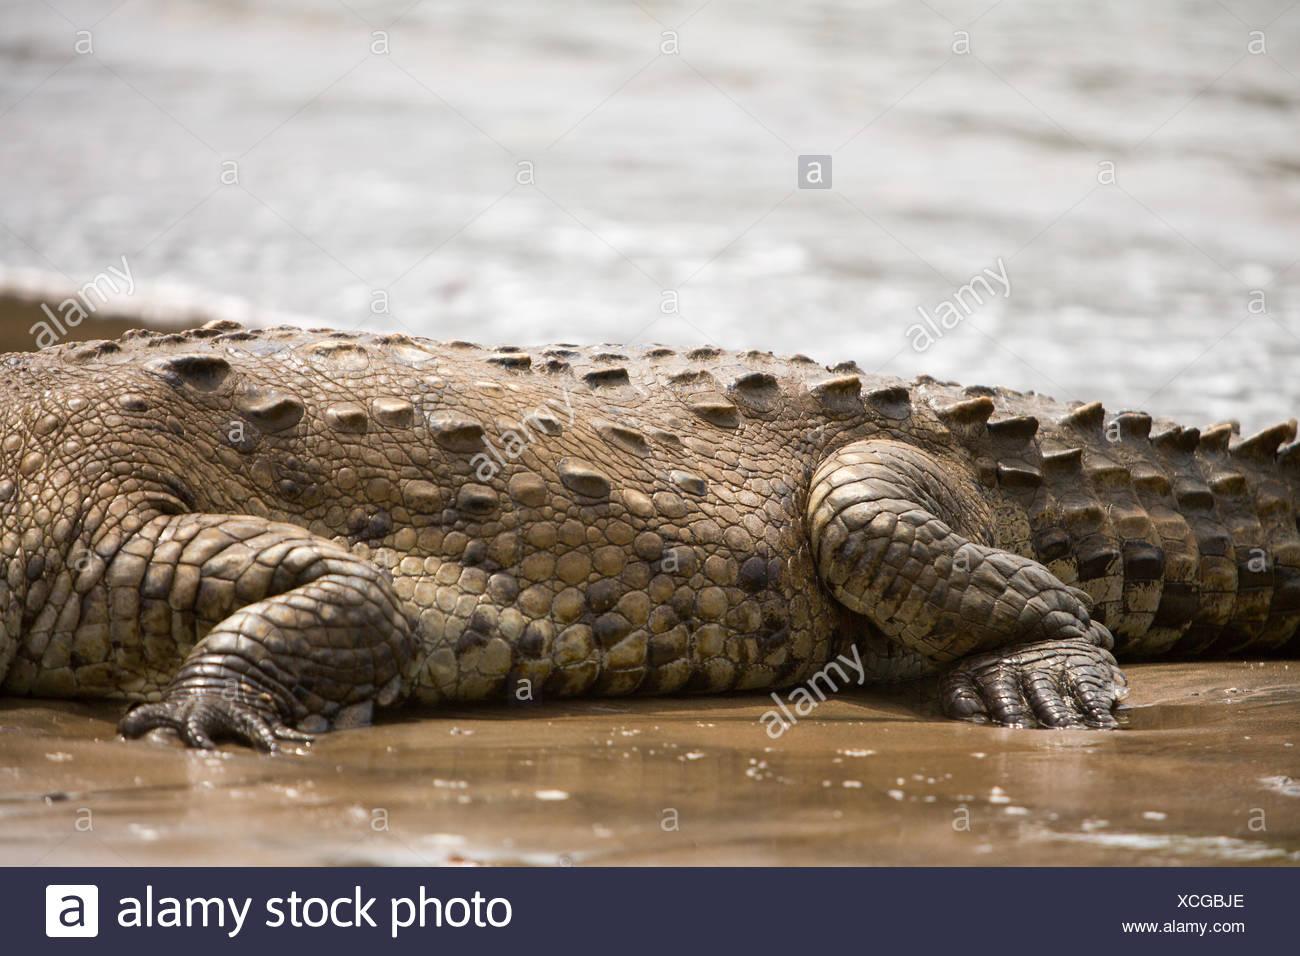 En el Parque Nacional Isla Coiba,los detalles de un cocodrilo americano es duro,piel escamosa es visible descansando en el agua. Imagen De Stock